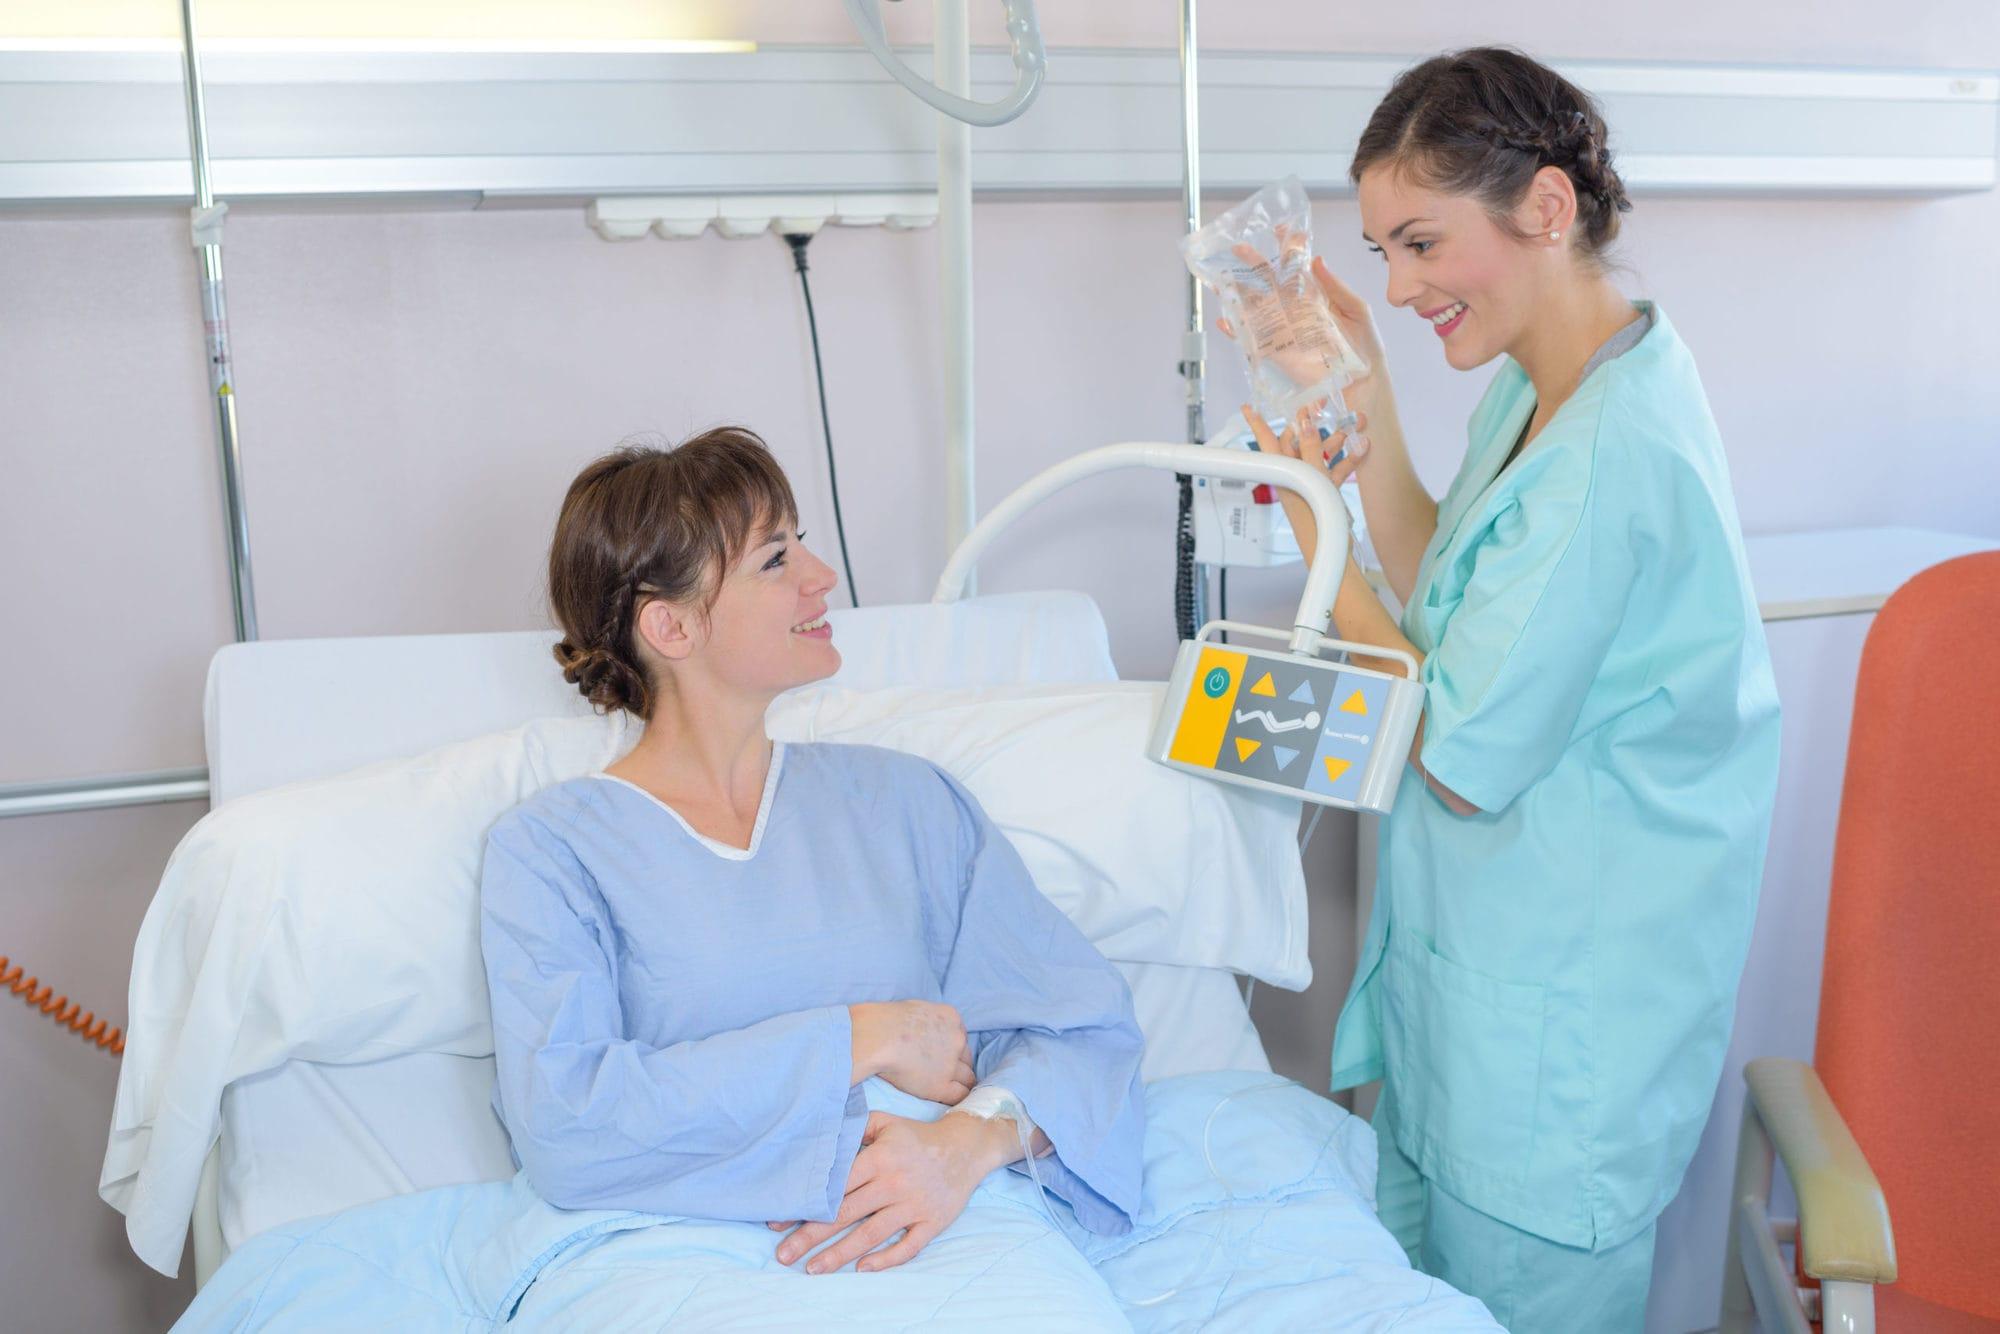 Nurse changing patient's drip bag